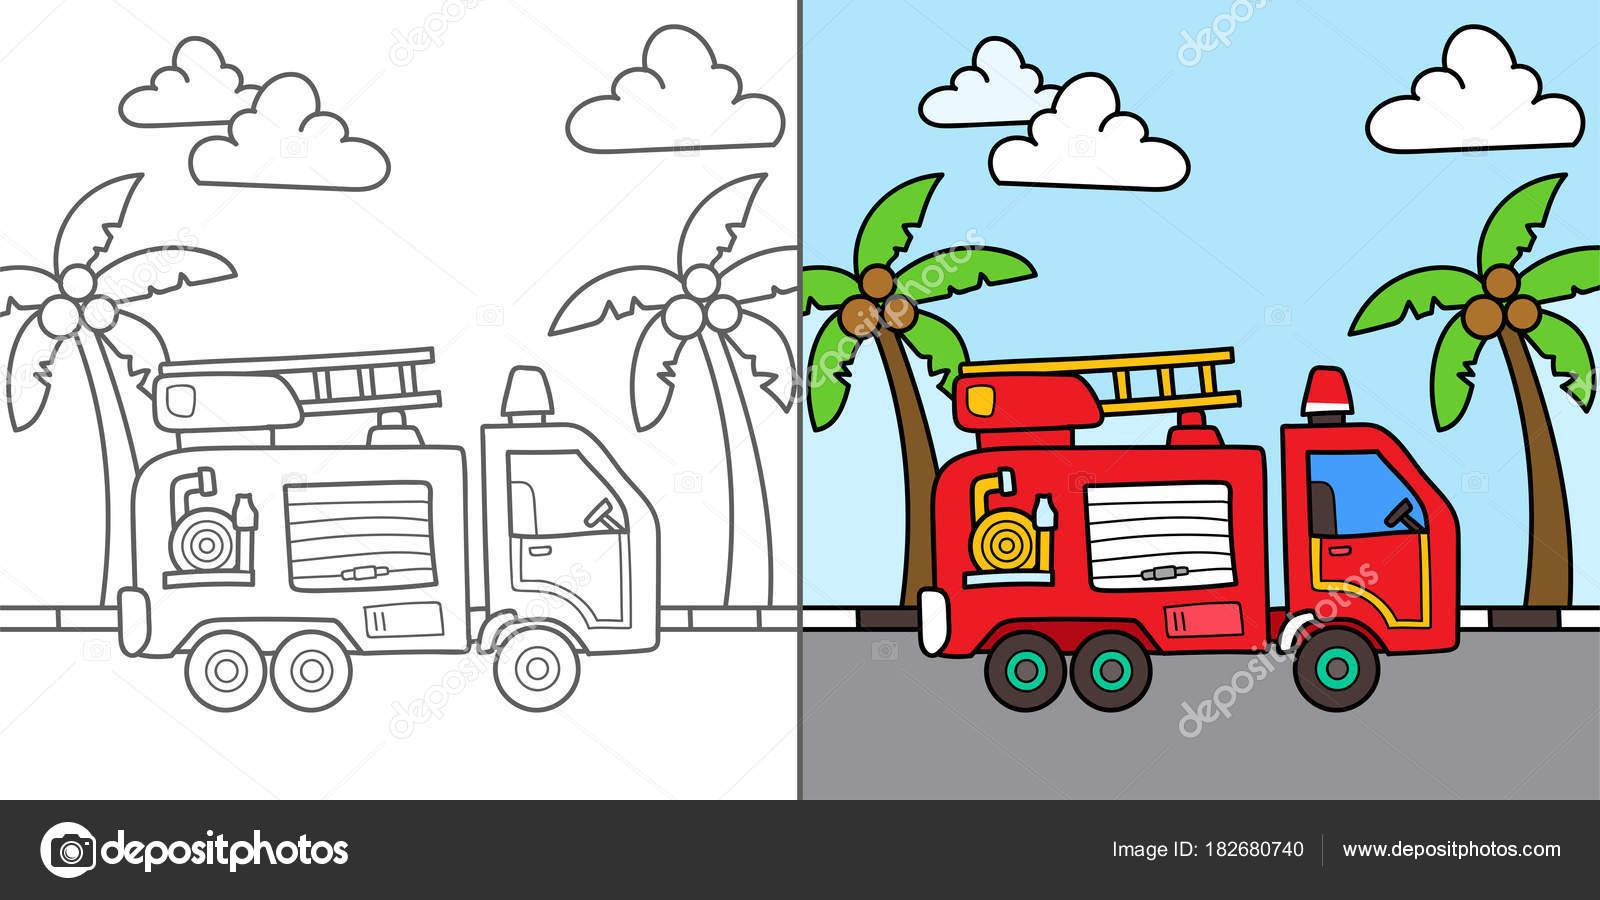 消防車ベクトル漫画イラスト 塗り絵 ストックベクター Yellowline